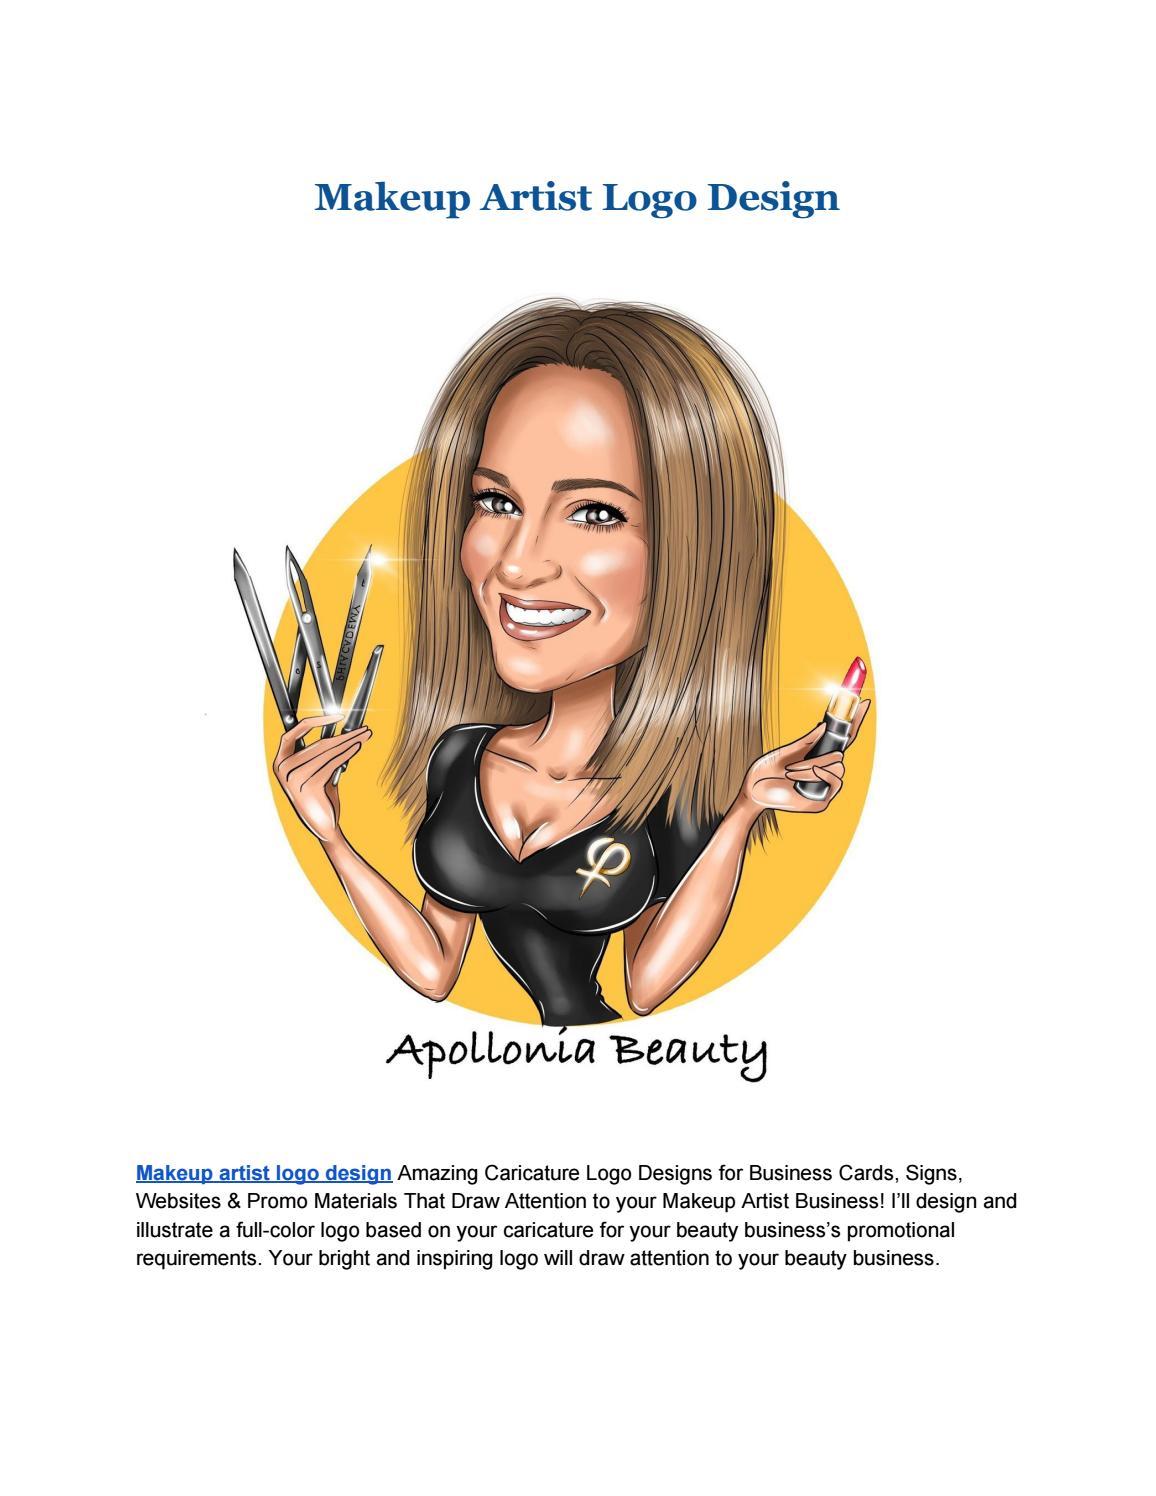 Makeup Artist Logo Design By Portraitlogo Issuu